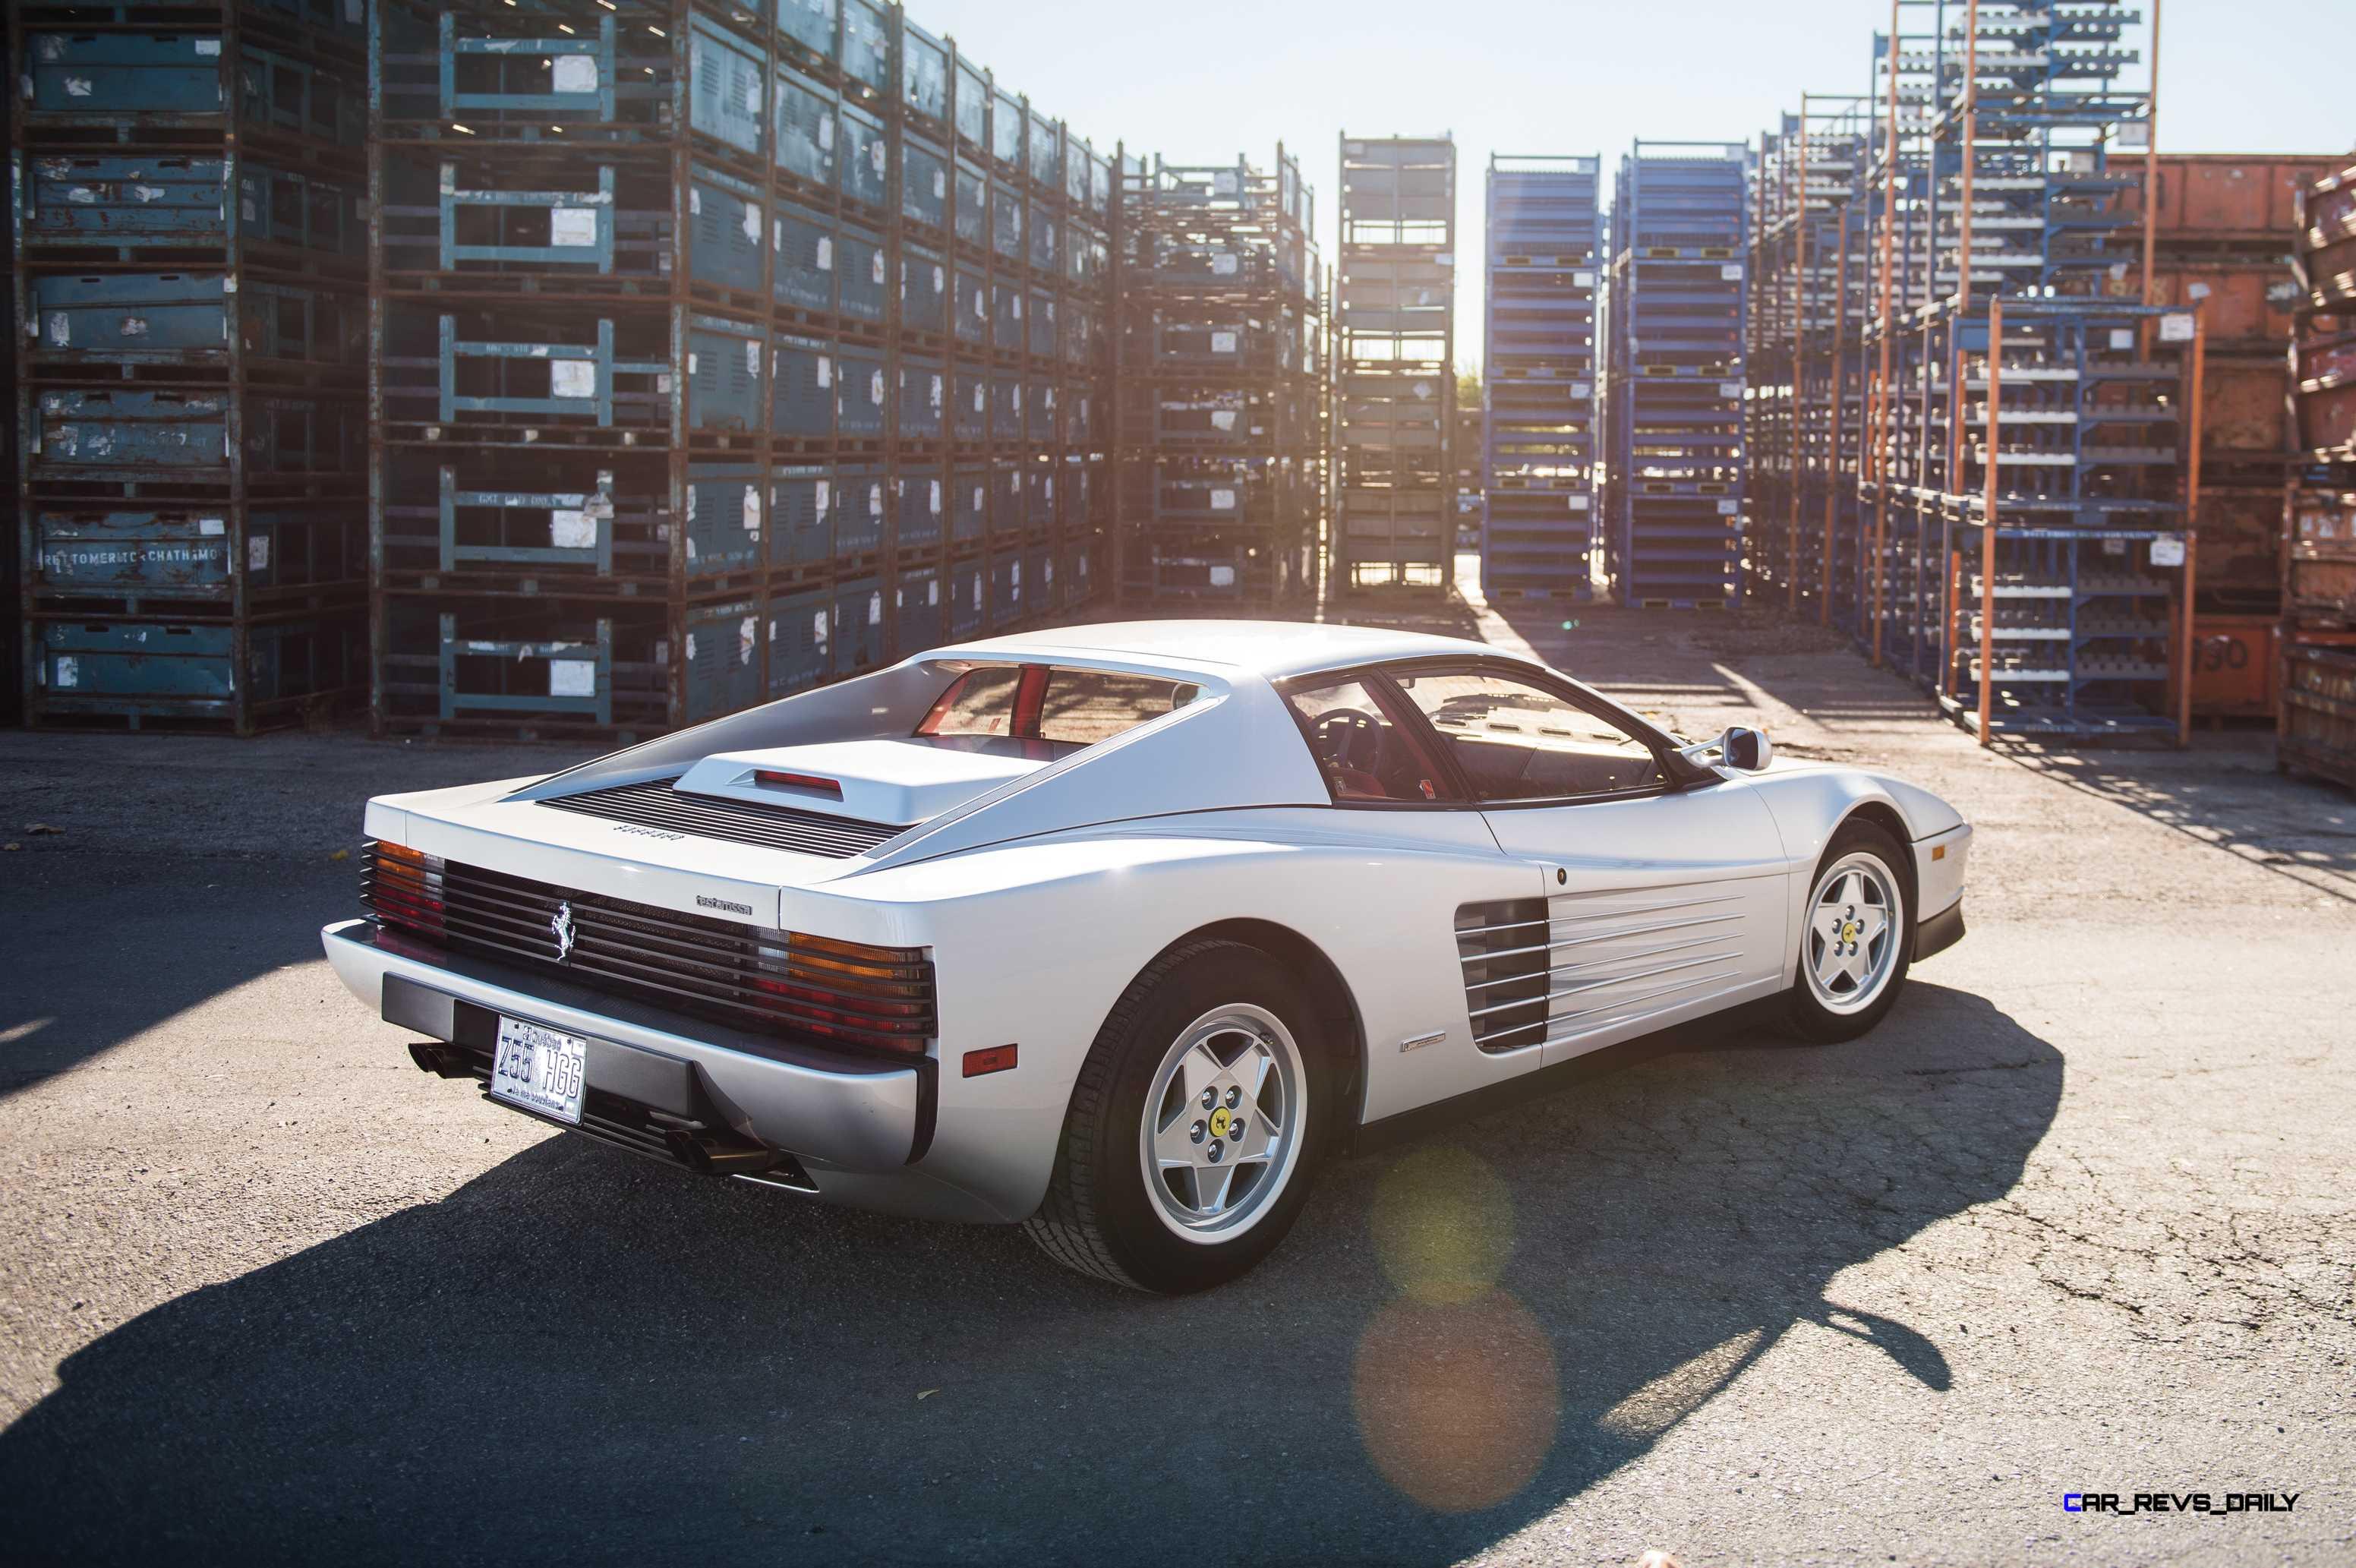 1976 porsche 911 turbo vs 1991 ferrari testarossa supercar face off 1976 porsche 911 turbo vs 1991 ferrari testarossa vanachro Images